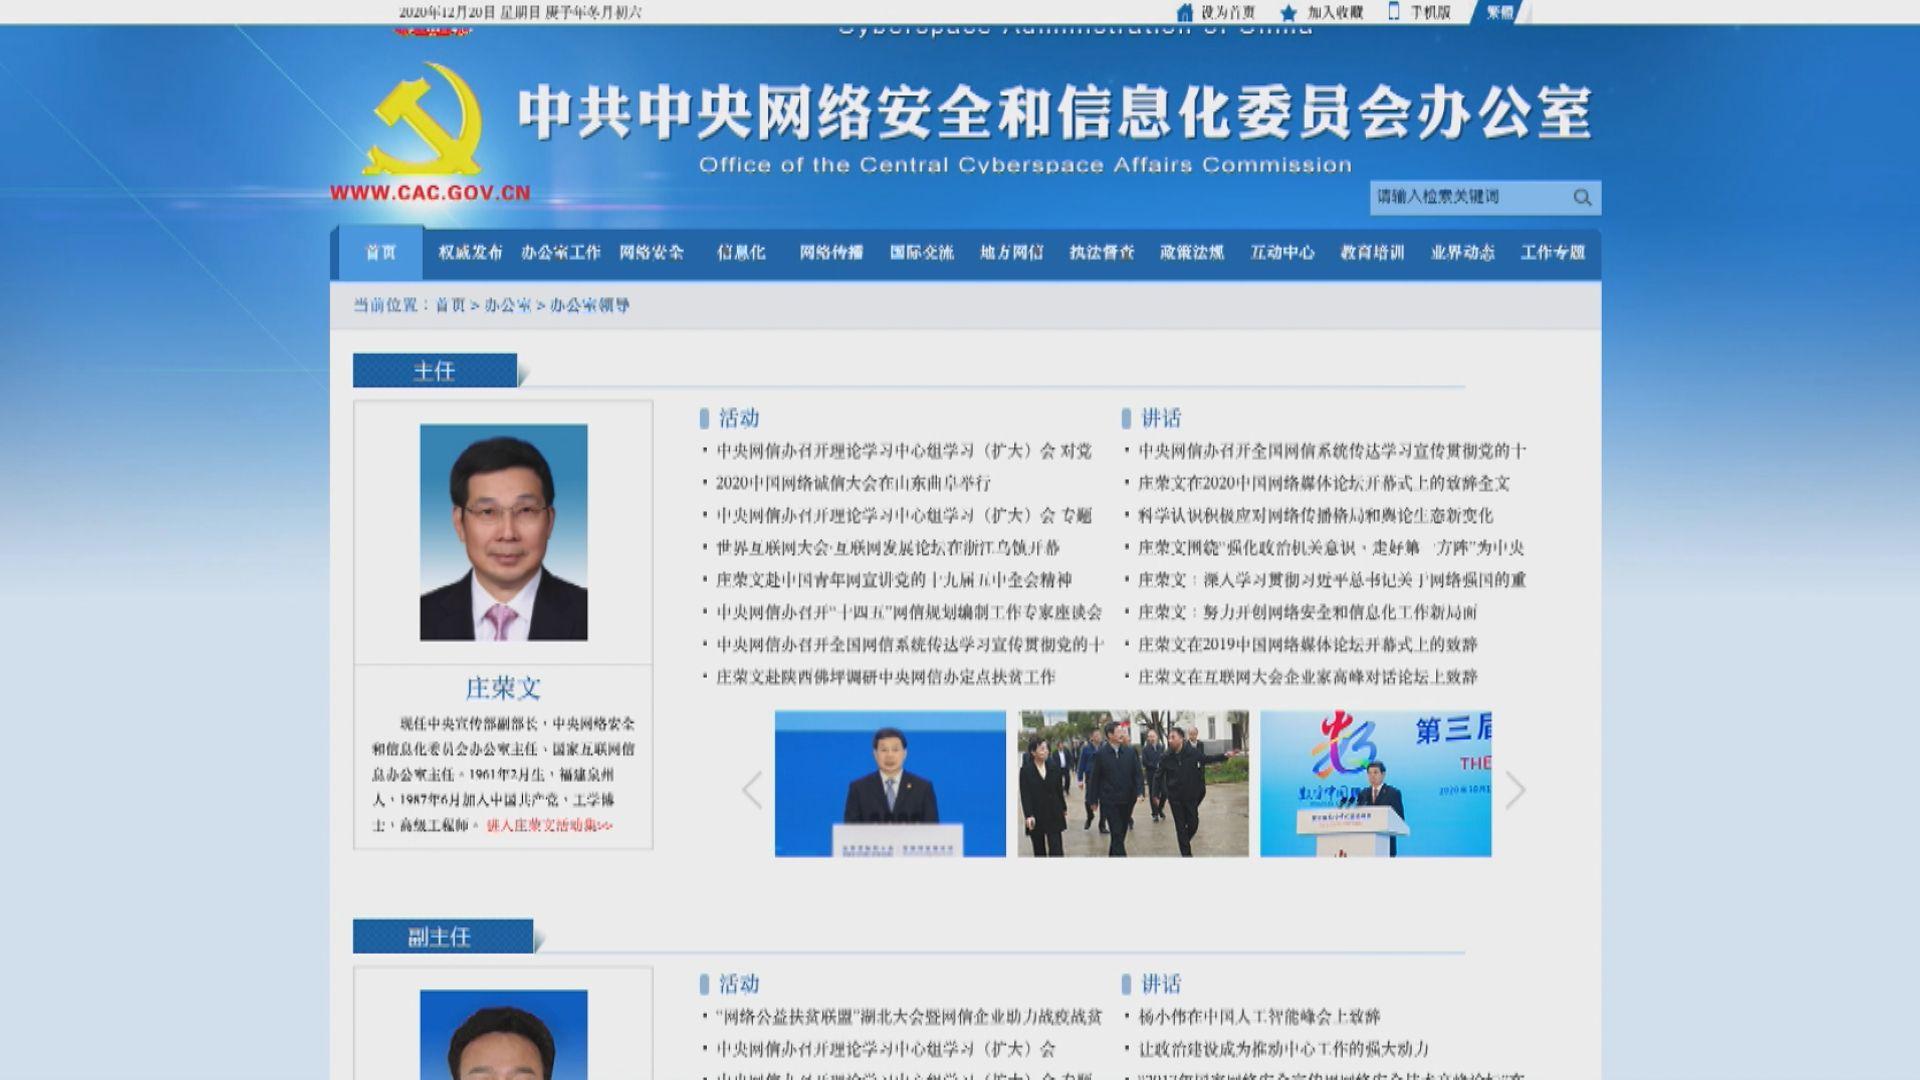 網信辦文件揭露當局如何操縱疫情輿論